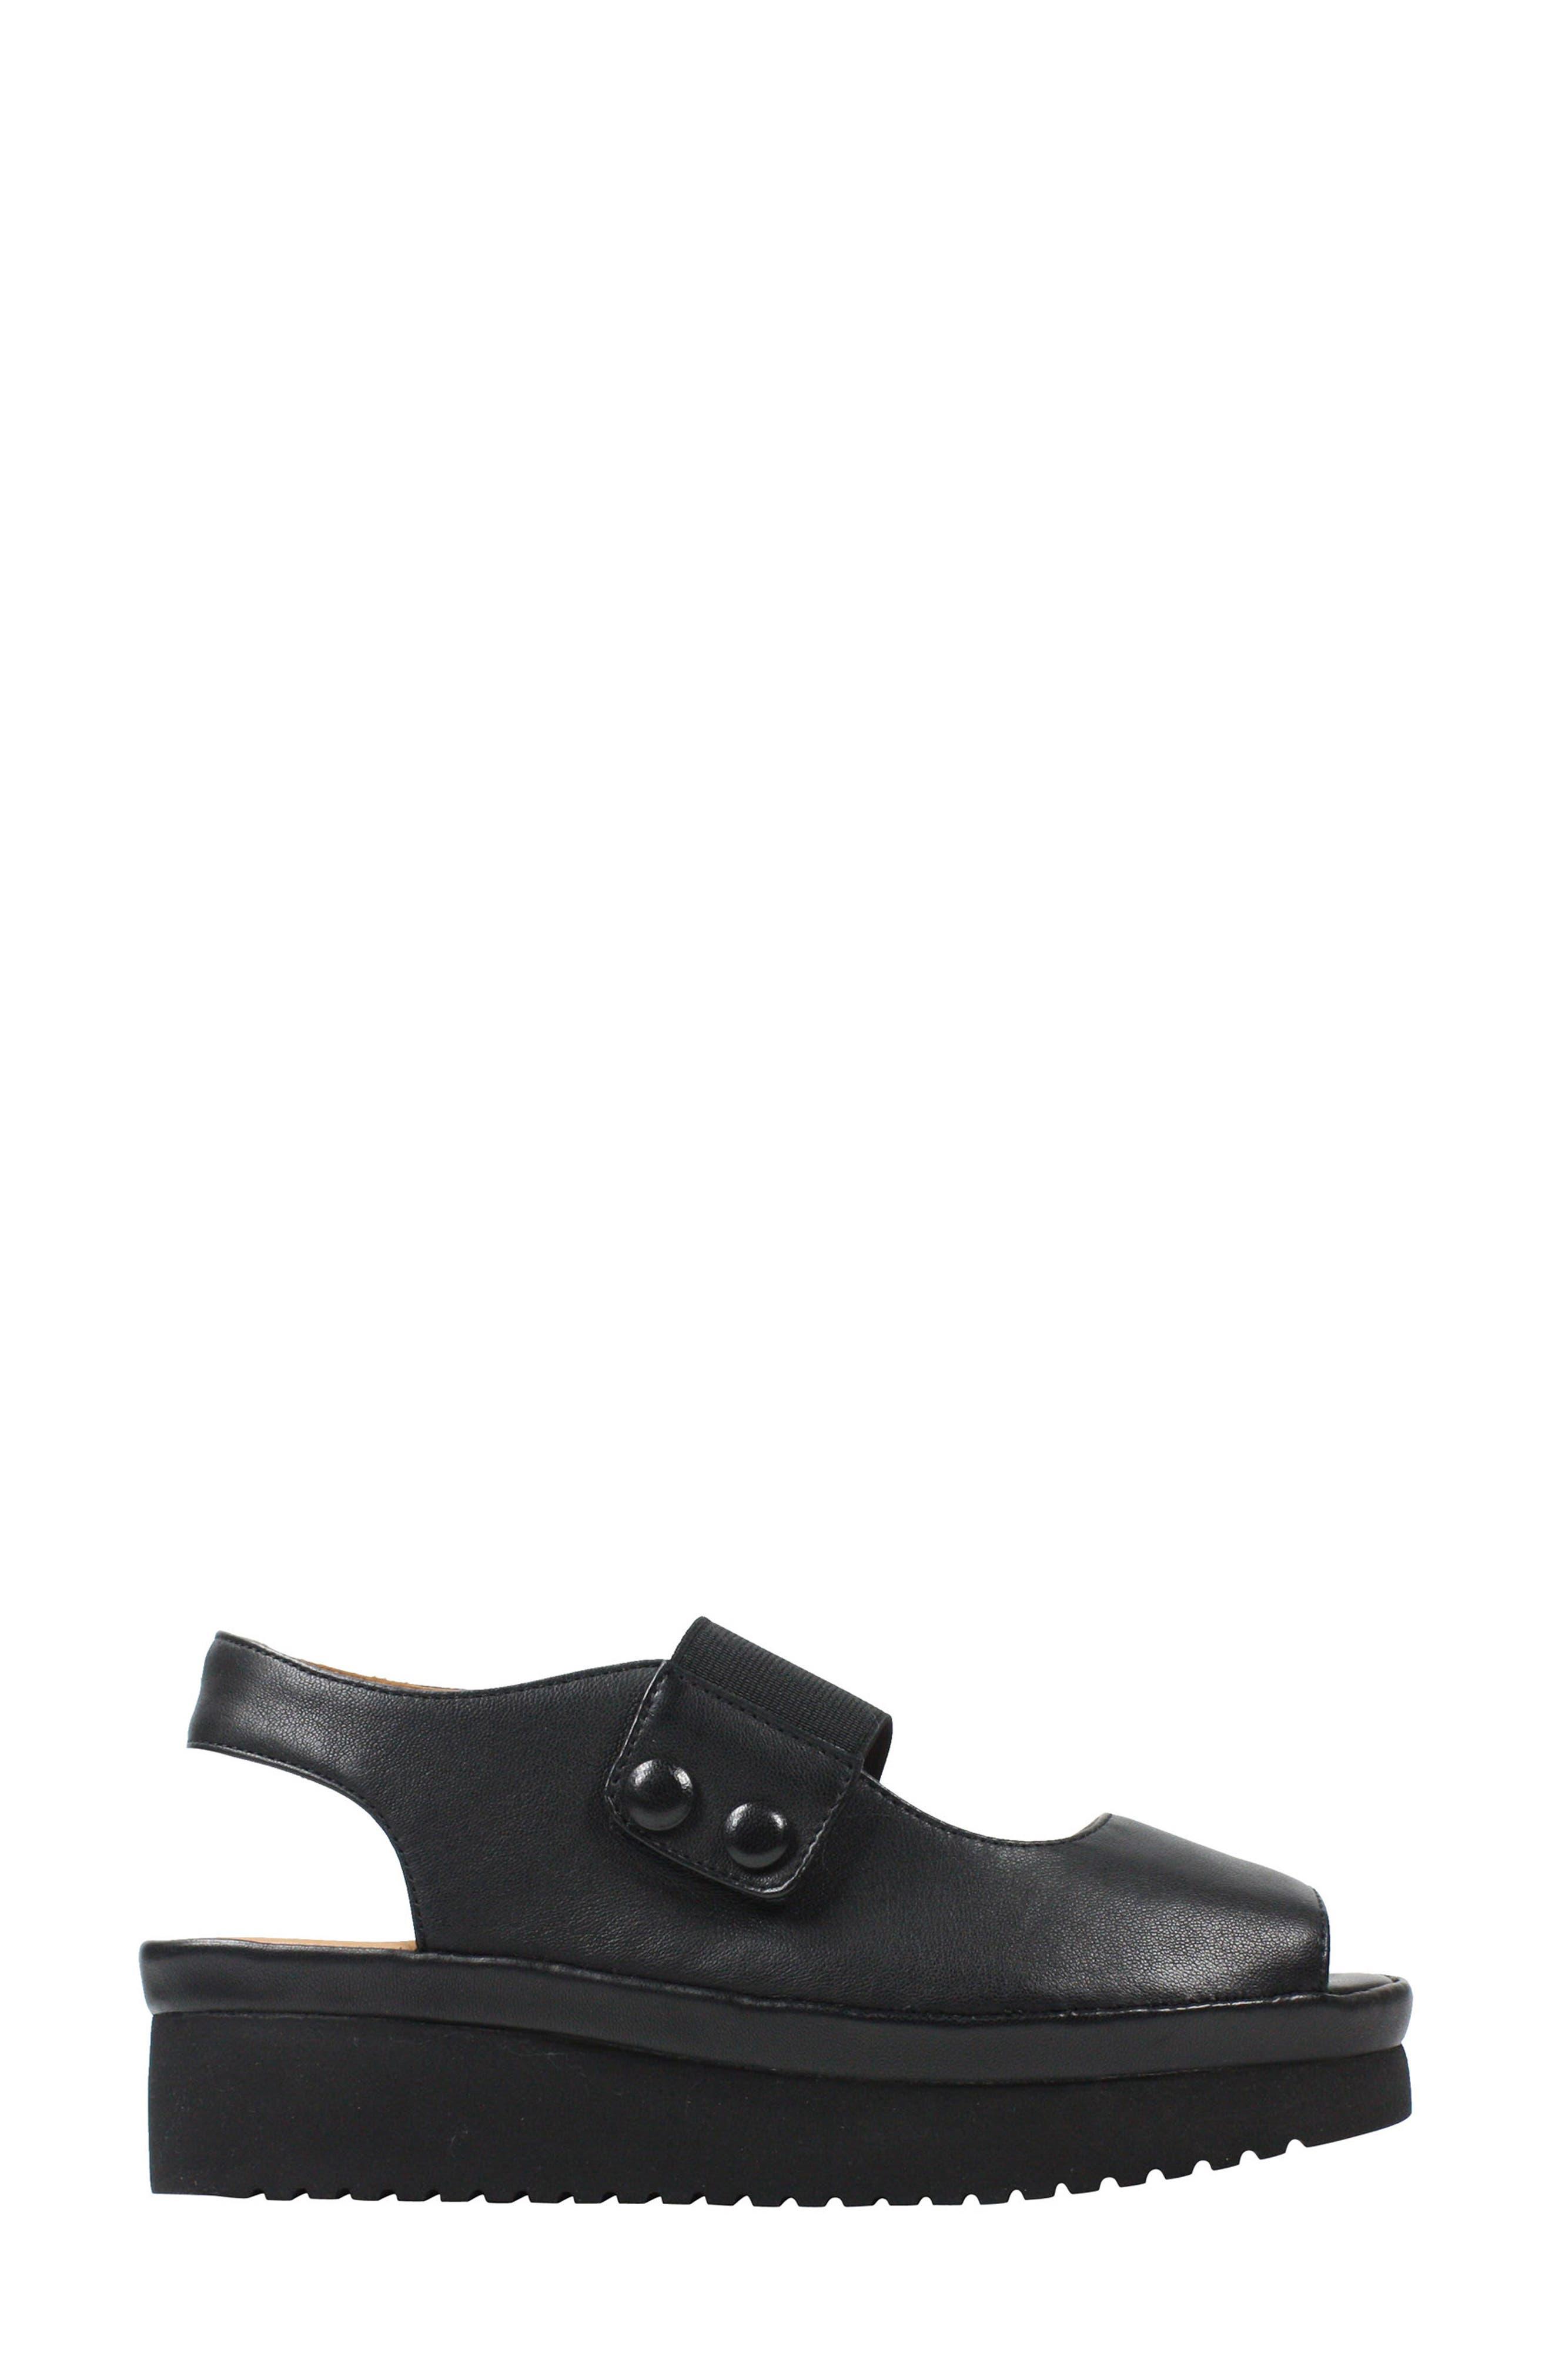 L'AMOUR DES PIEDS, Adalicia Platform Sandal, Alternate thumbnail 3, color, BLACK LEATHER